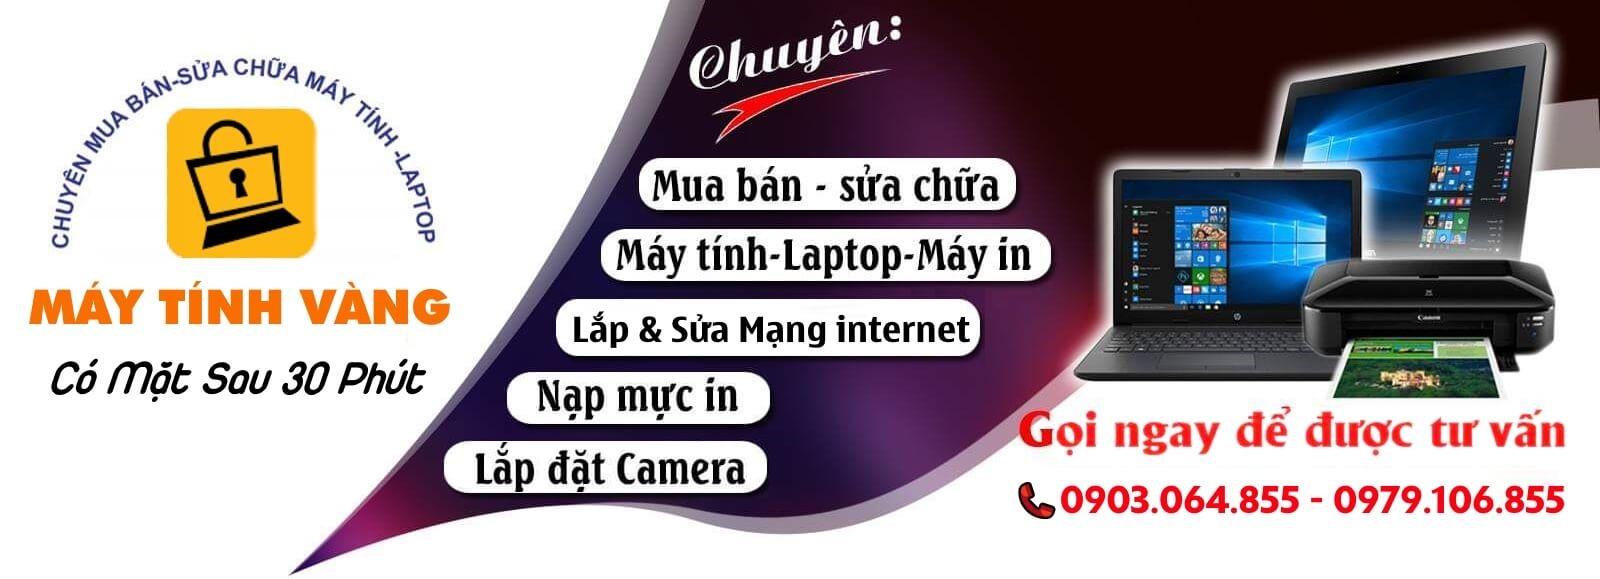 Máy Tính Vàng – Chuyên sửa laptop Quận 5 hàng đầu hiện nay.